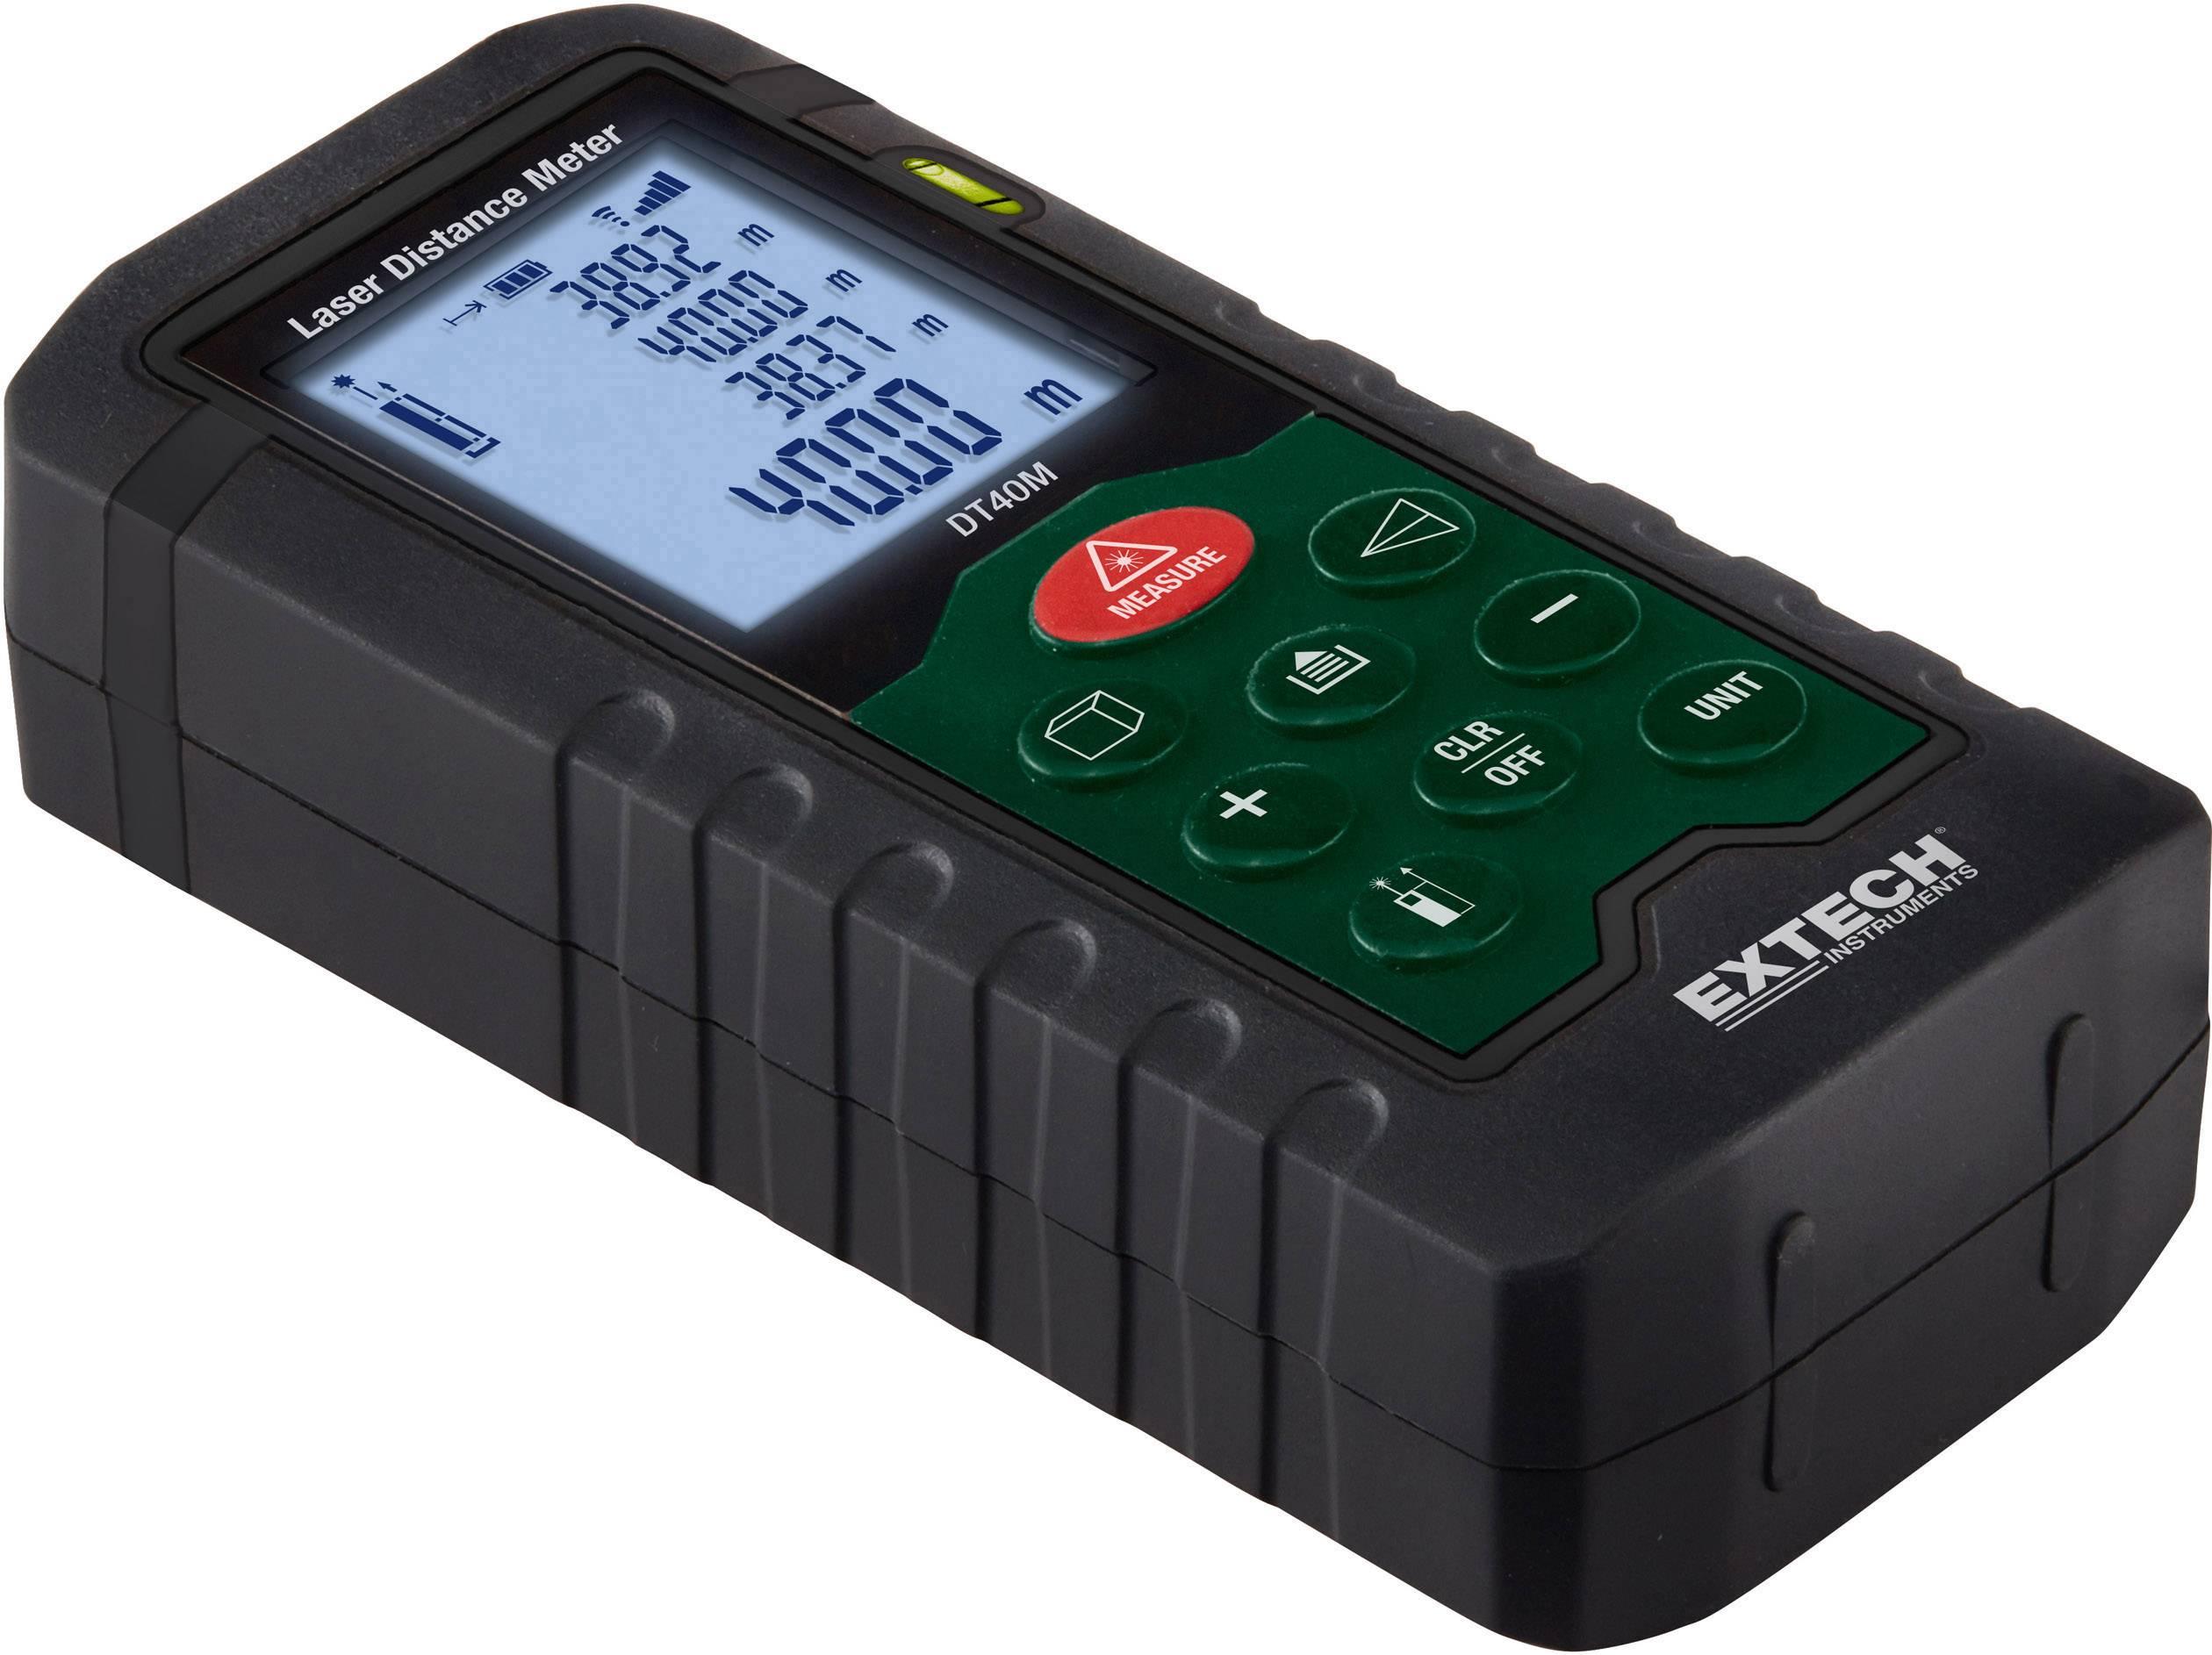 Conrad Ultraschall Entfernungsmesser : Extech dt m laser entfernungsmesser messbereich max kaufen